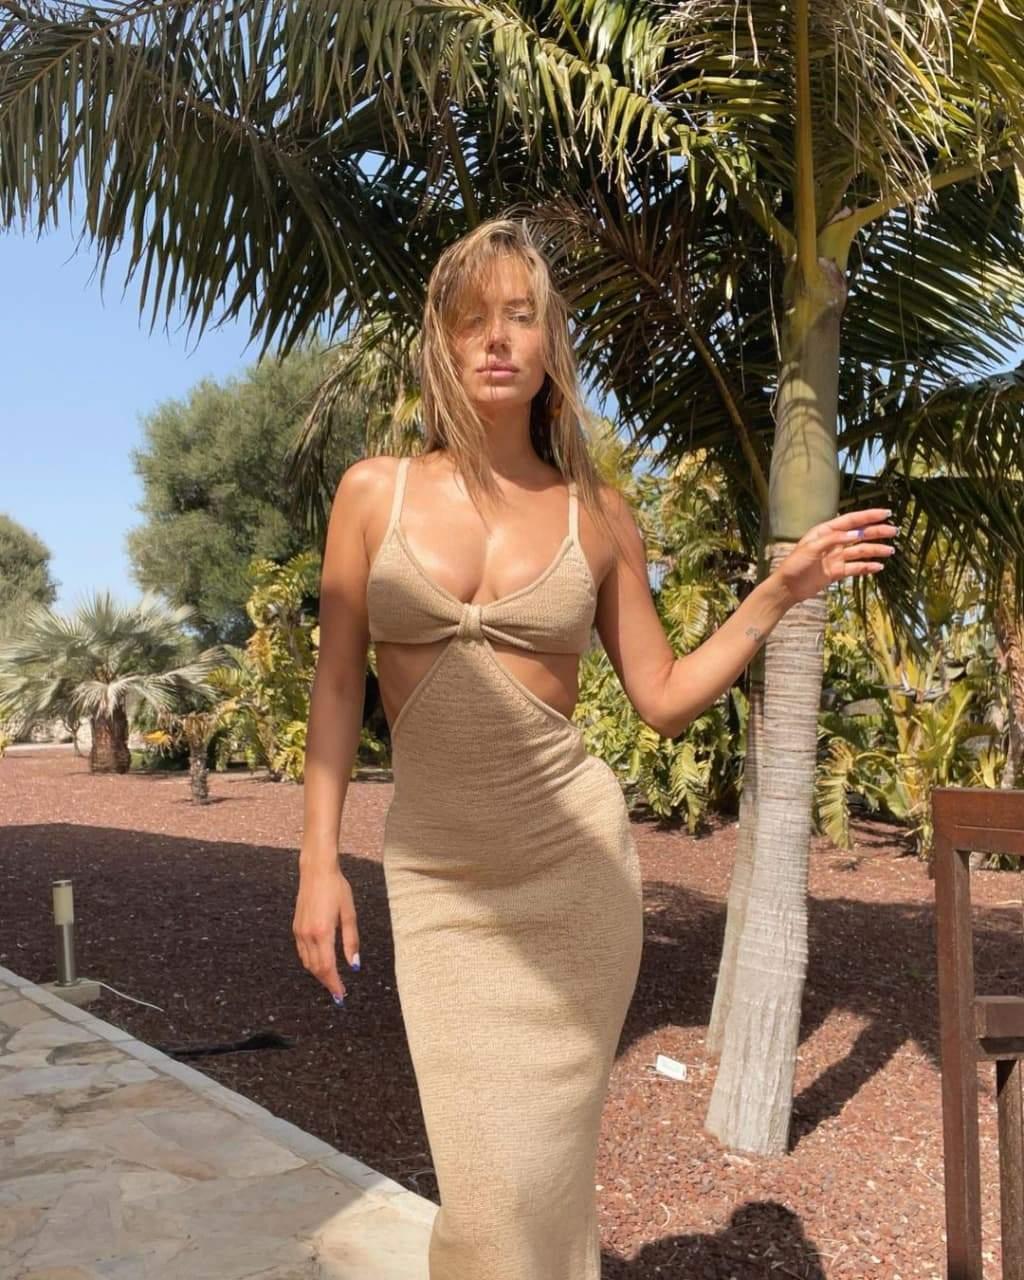 Ніколь Потуральські показує трендову сукню / Фото з інстаграму